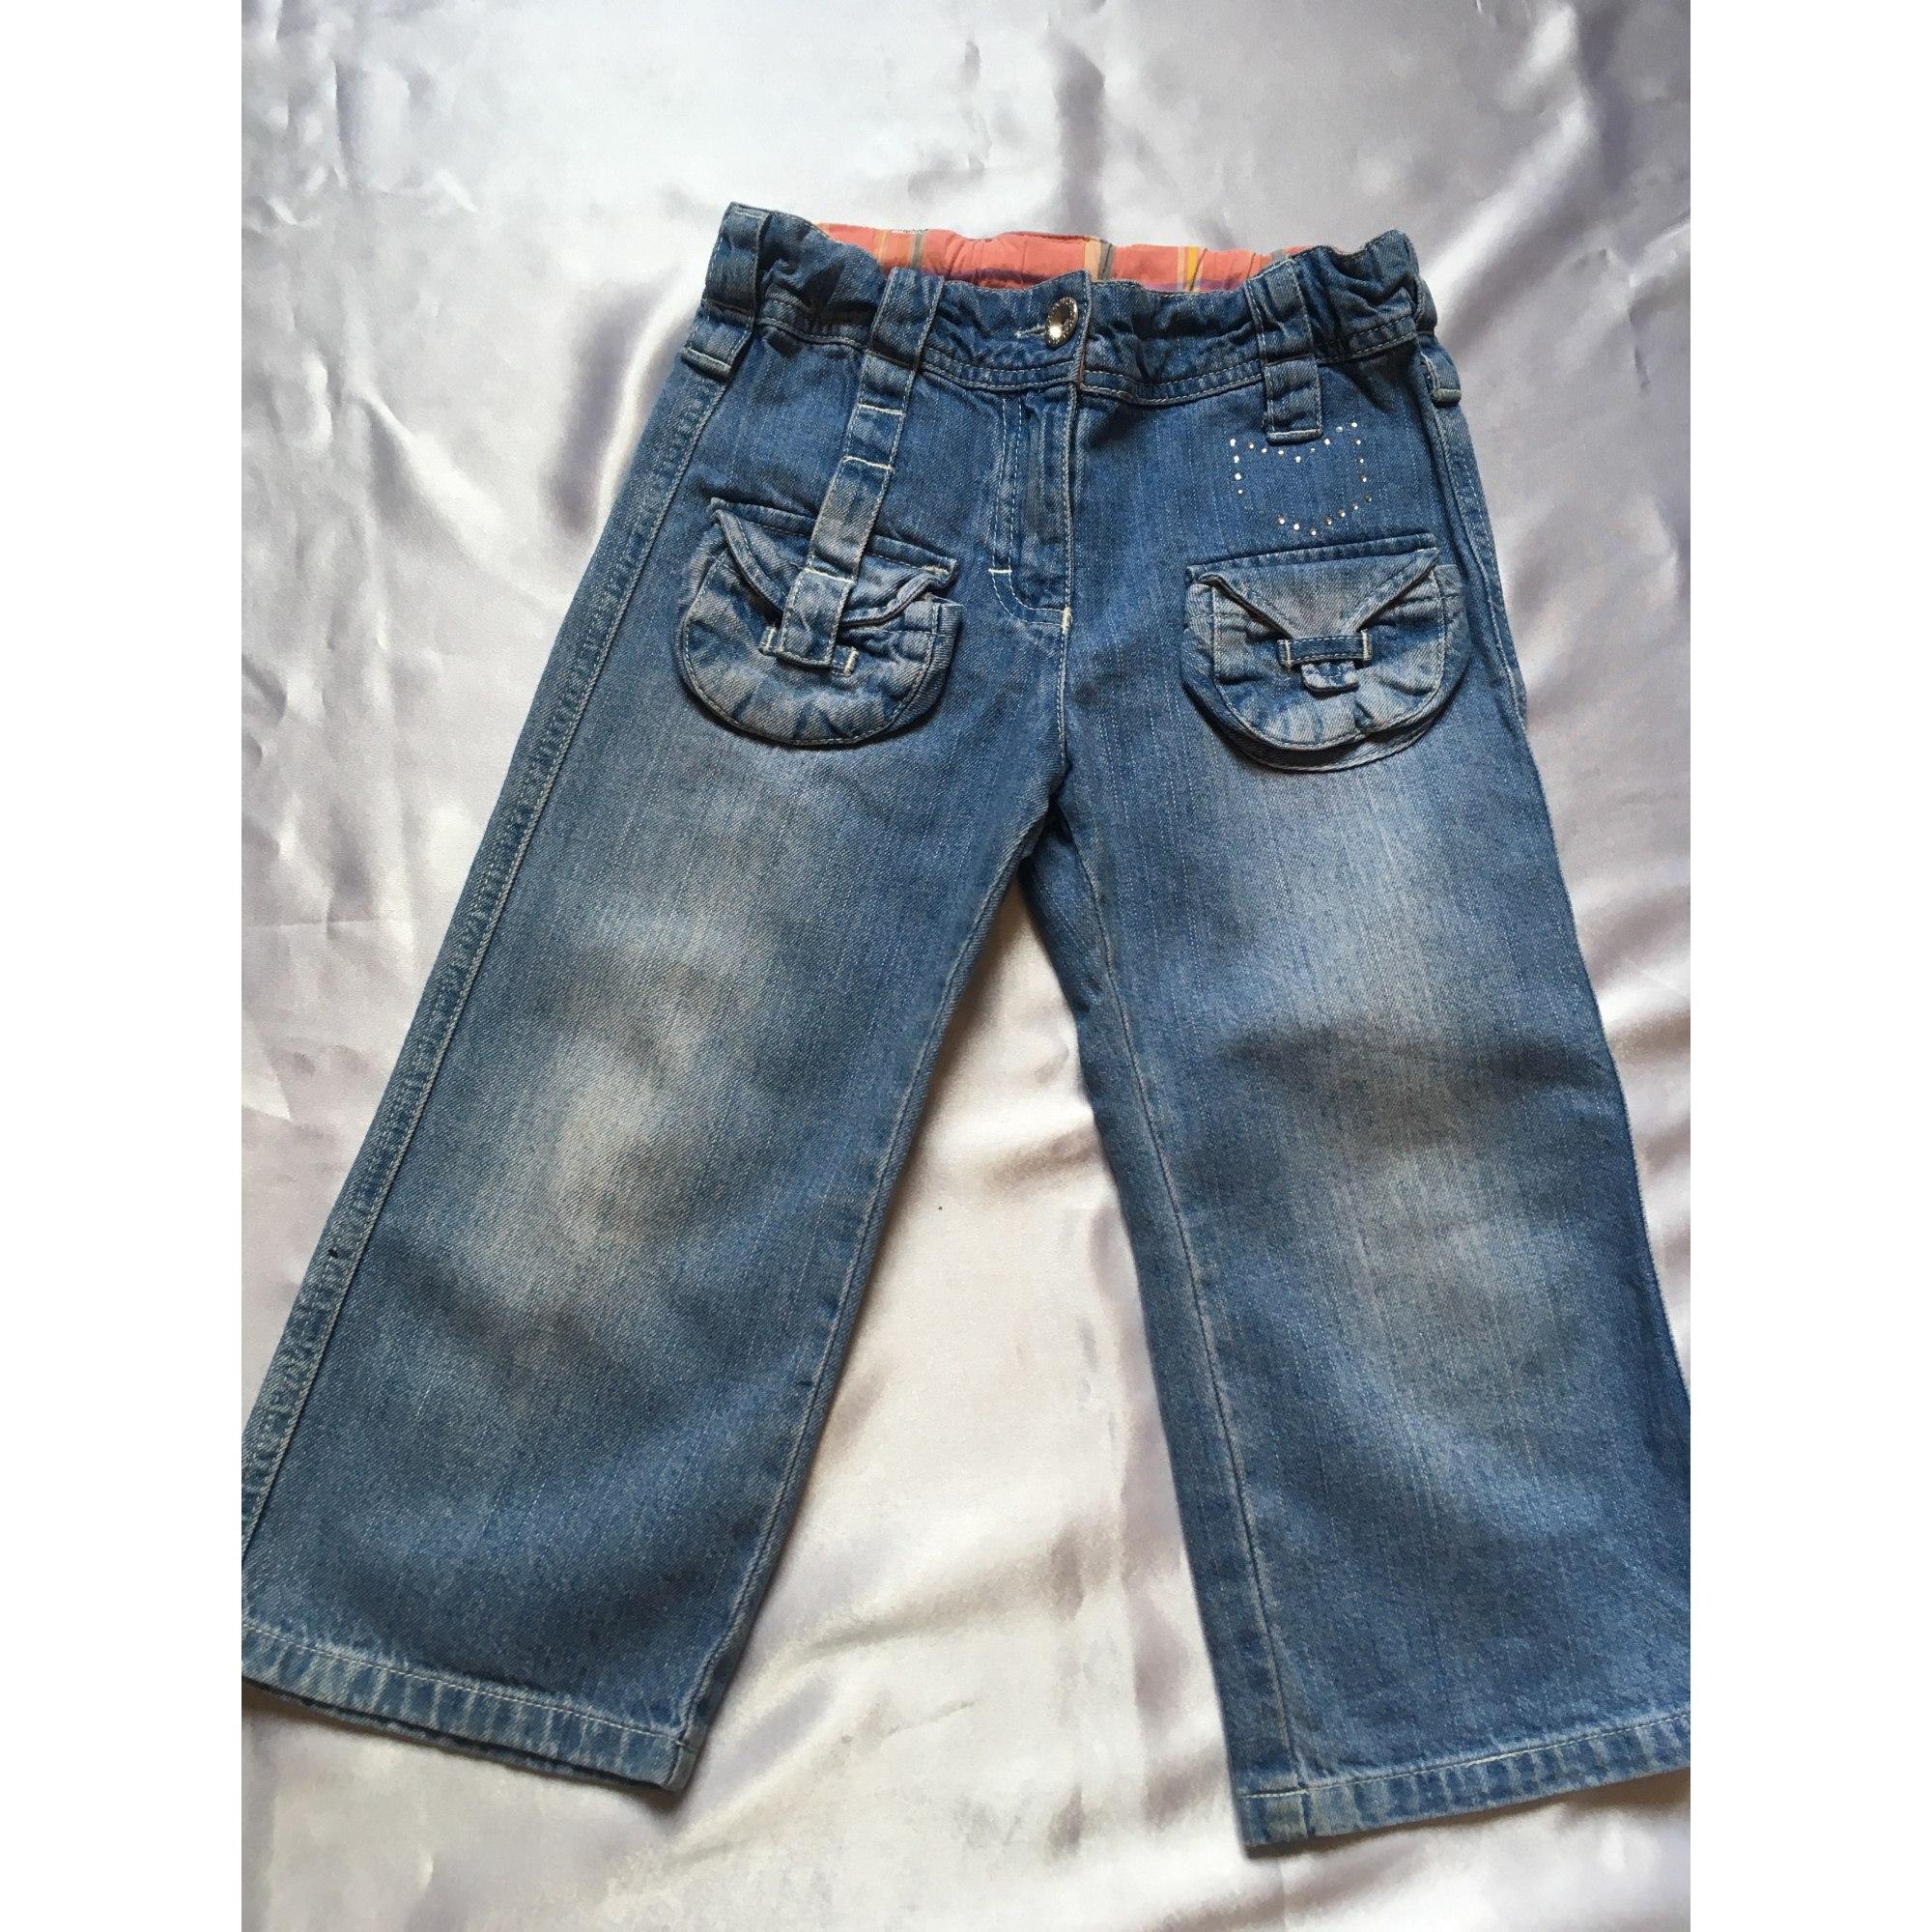 Pantalon TISSAIA Bleu, bleu marine, bleu turquoise